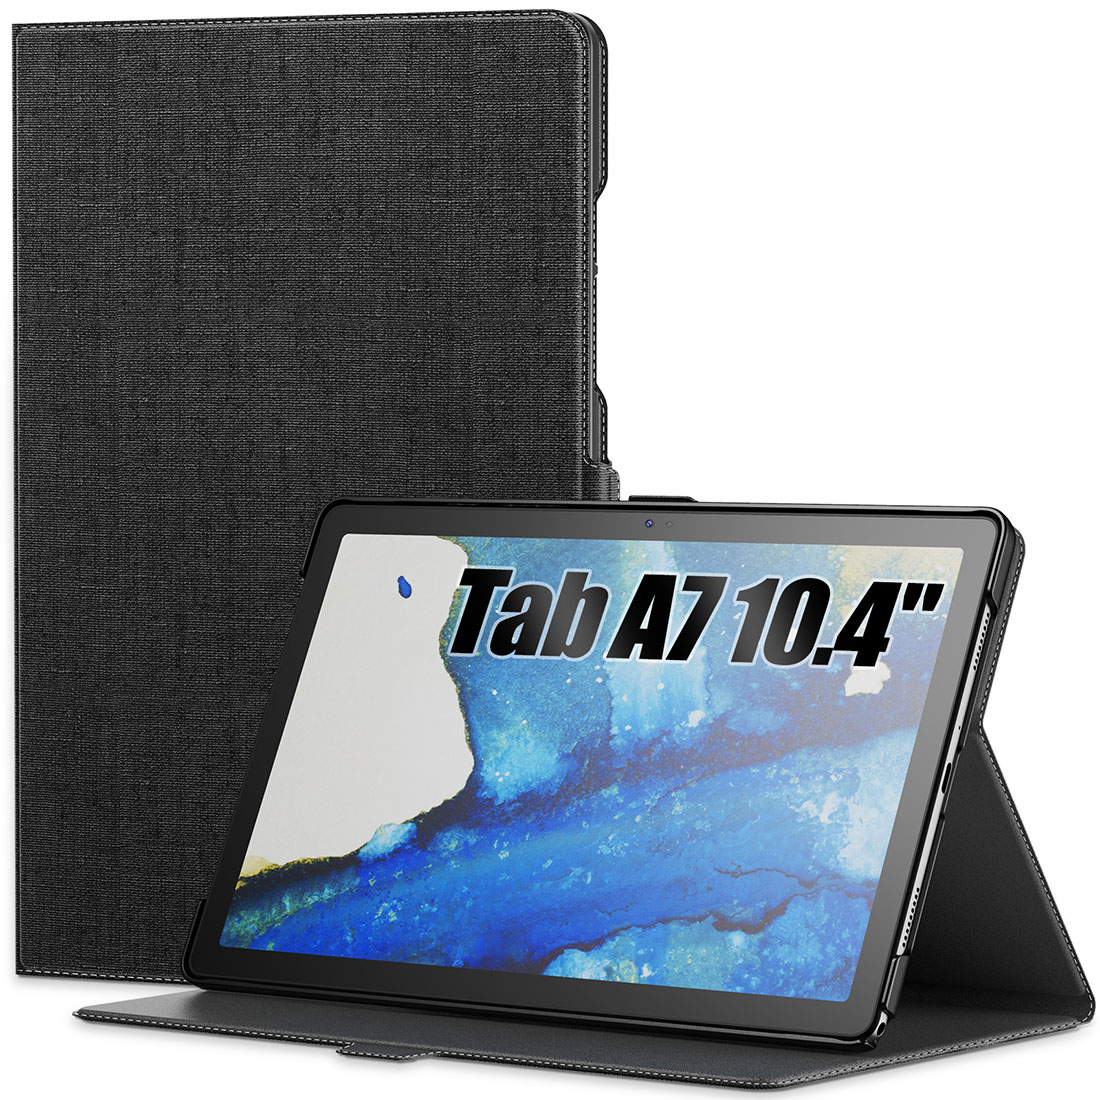 Capa Premium Classic Series Tab A7 10.4 pol 2020 SM-T500 e SM-T505 com Função Wake Sleep  - HARS